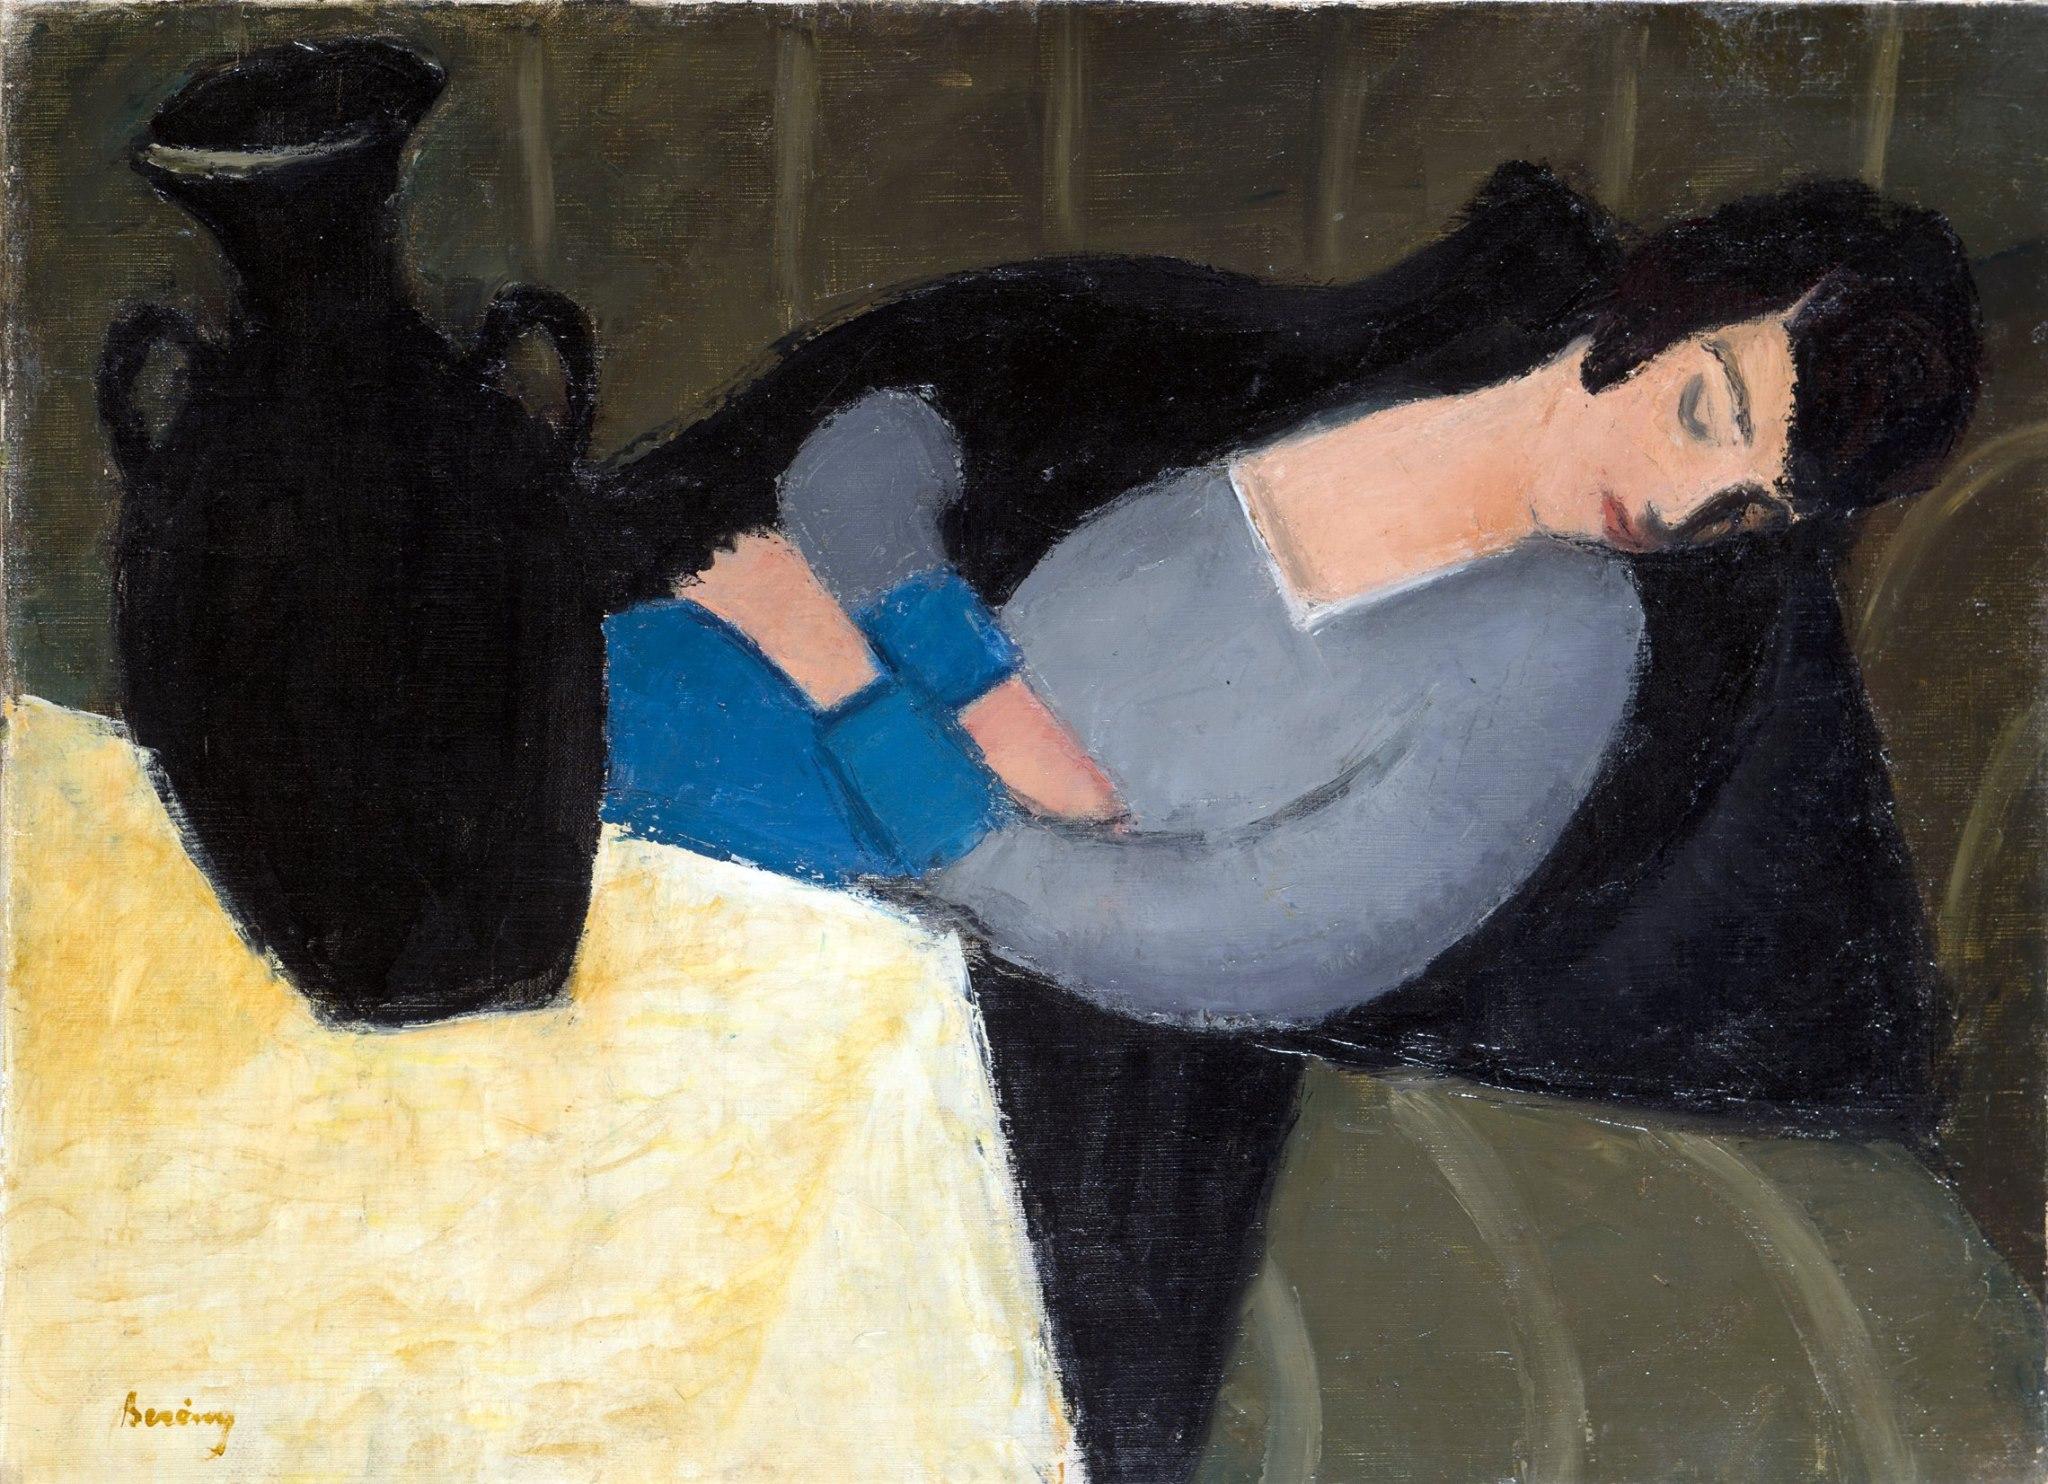 Sleeping-Lady-with-Black-Vase-by-Robert-Bereny-1920s.jpg